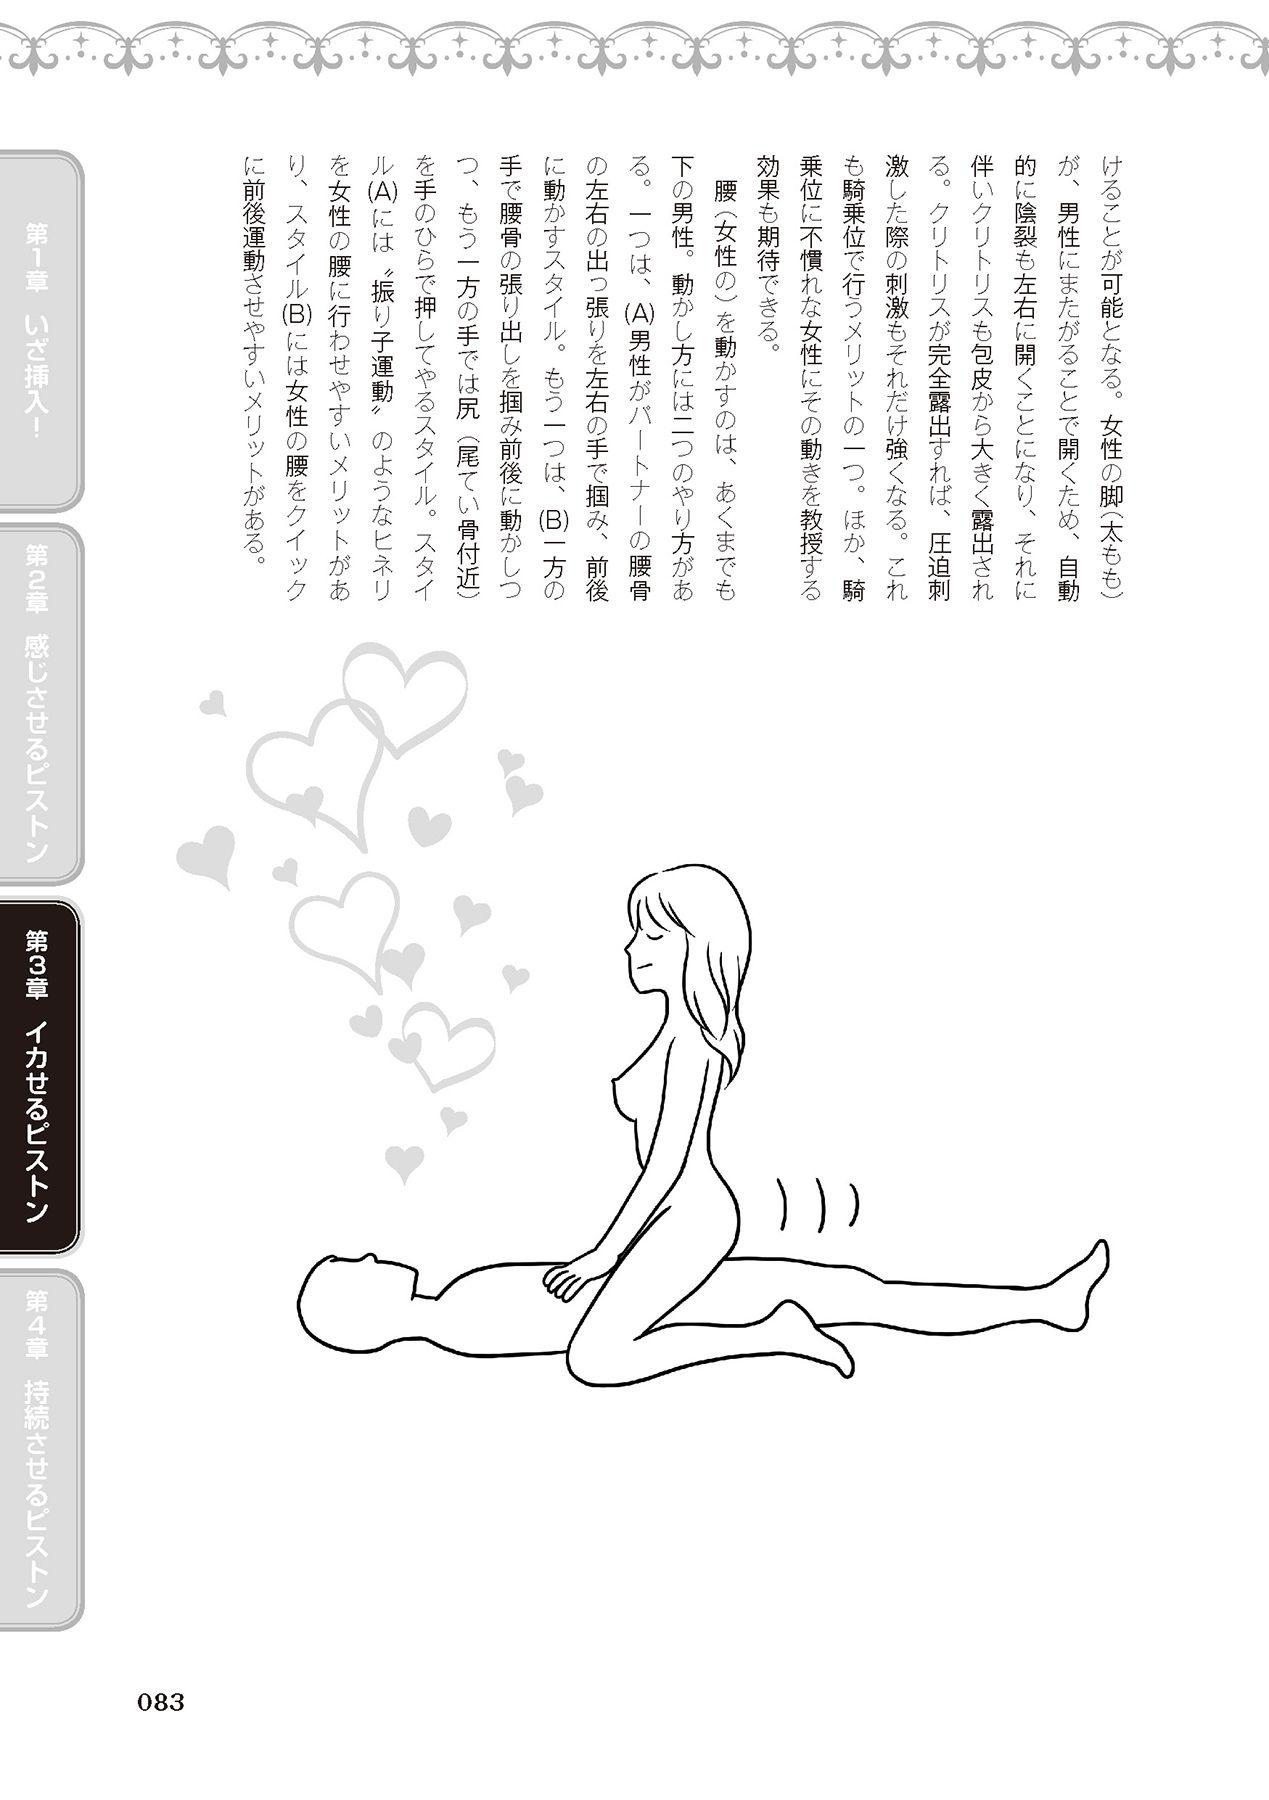 膣挿入&ピストン運動完全マニュアル イラスト版……ピスとんッ! 84